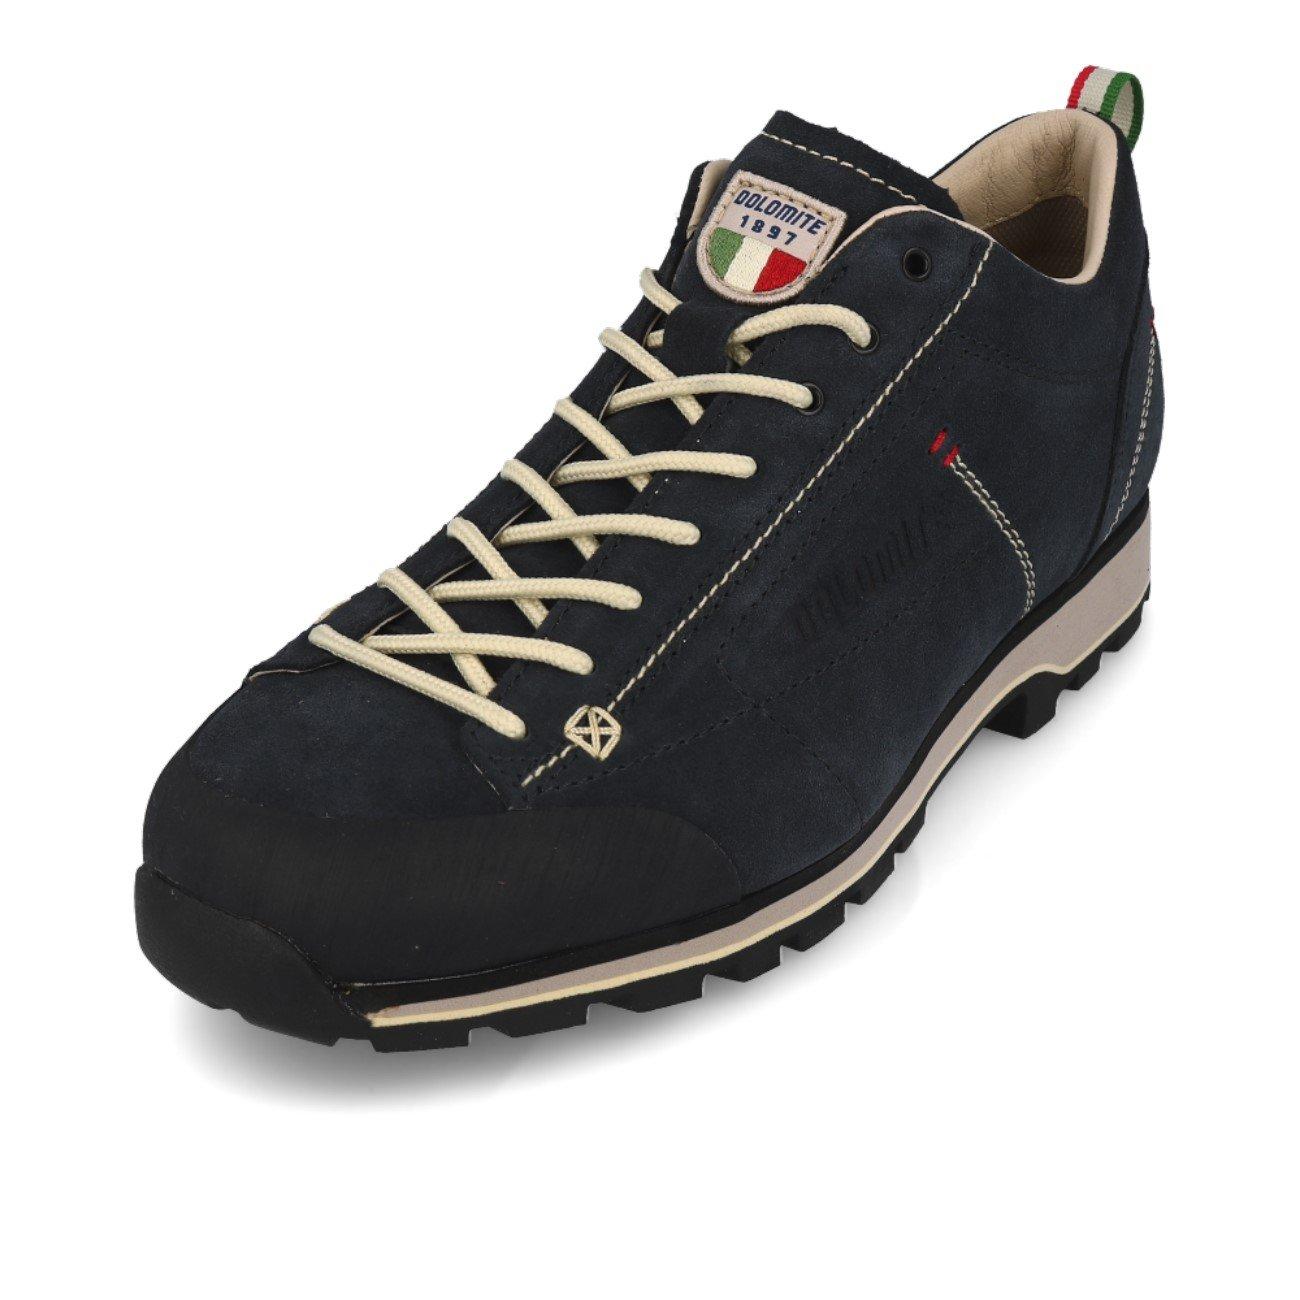 334f2d959029f Materiale esterno  Sintetico Chiusura  A strappo. Larghezza scarpa  normale